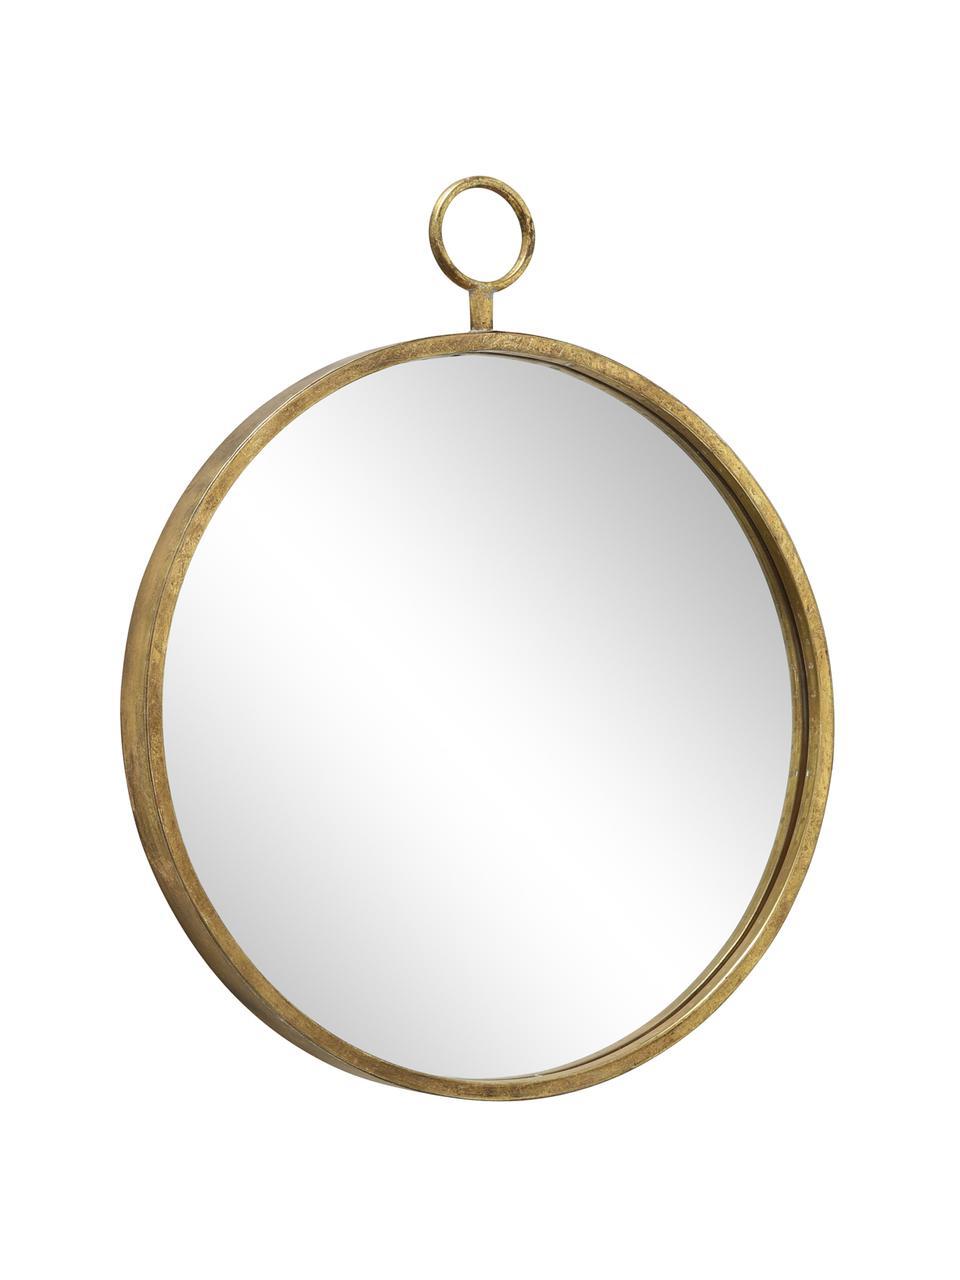 Okrągłe lustro ścienne z metalową ramą Prado, Odcienie mosiądzu, S 55 x W 66 cm